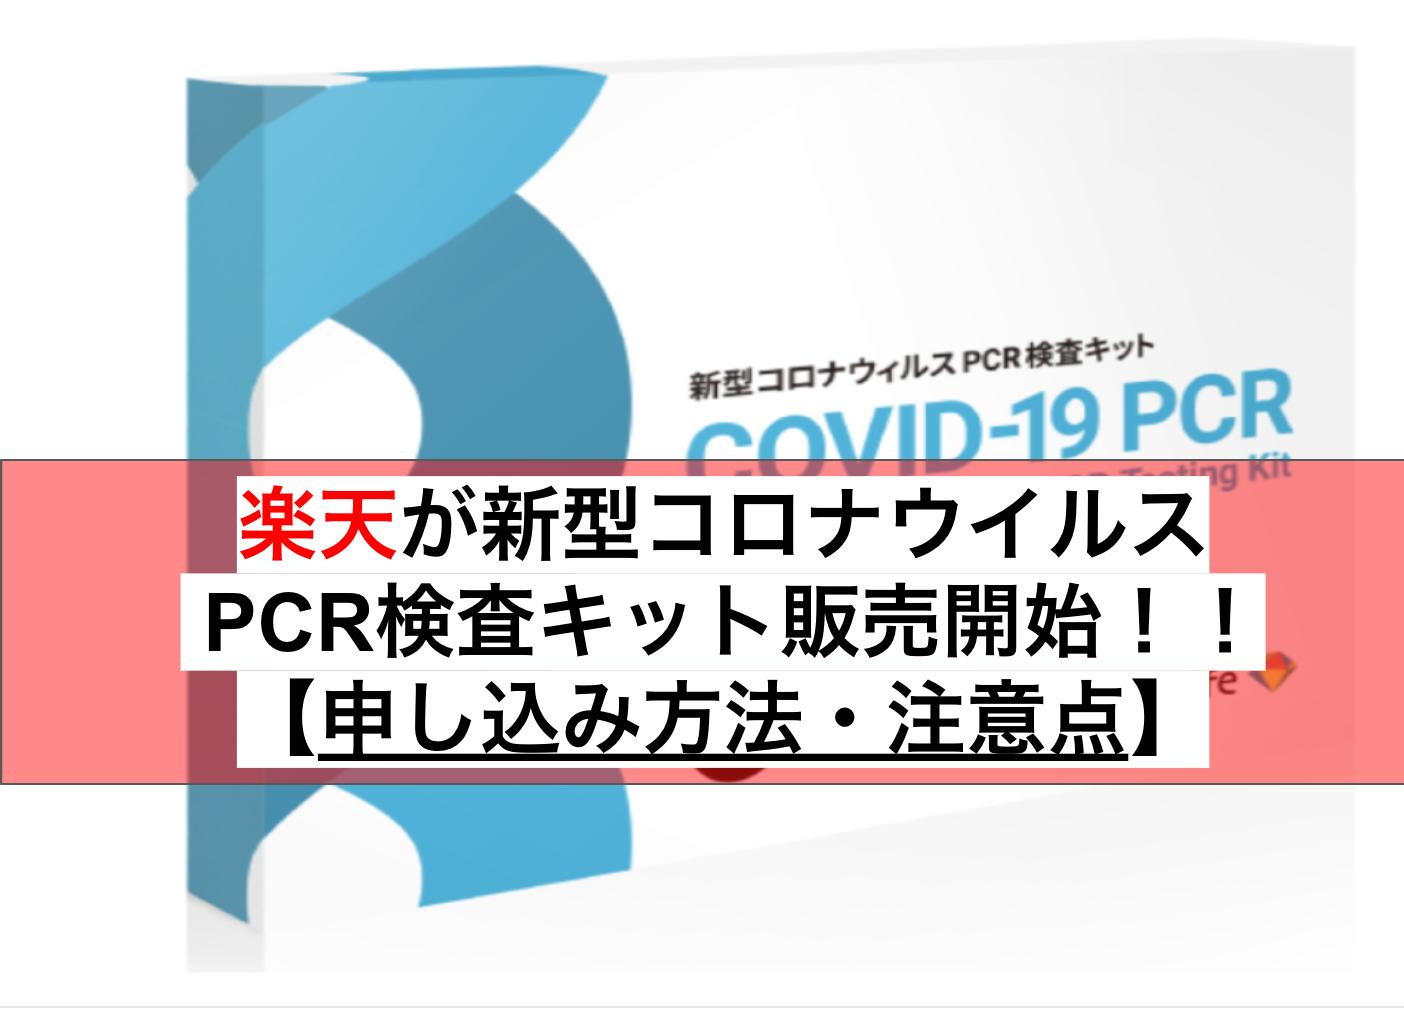 キット 検査 楽天 pcr